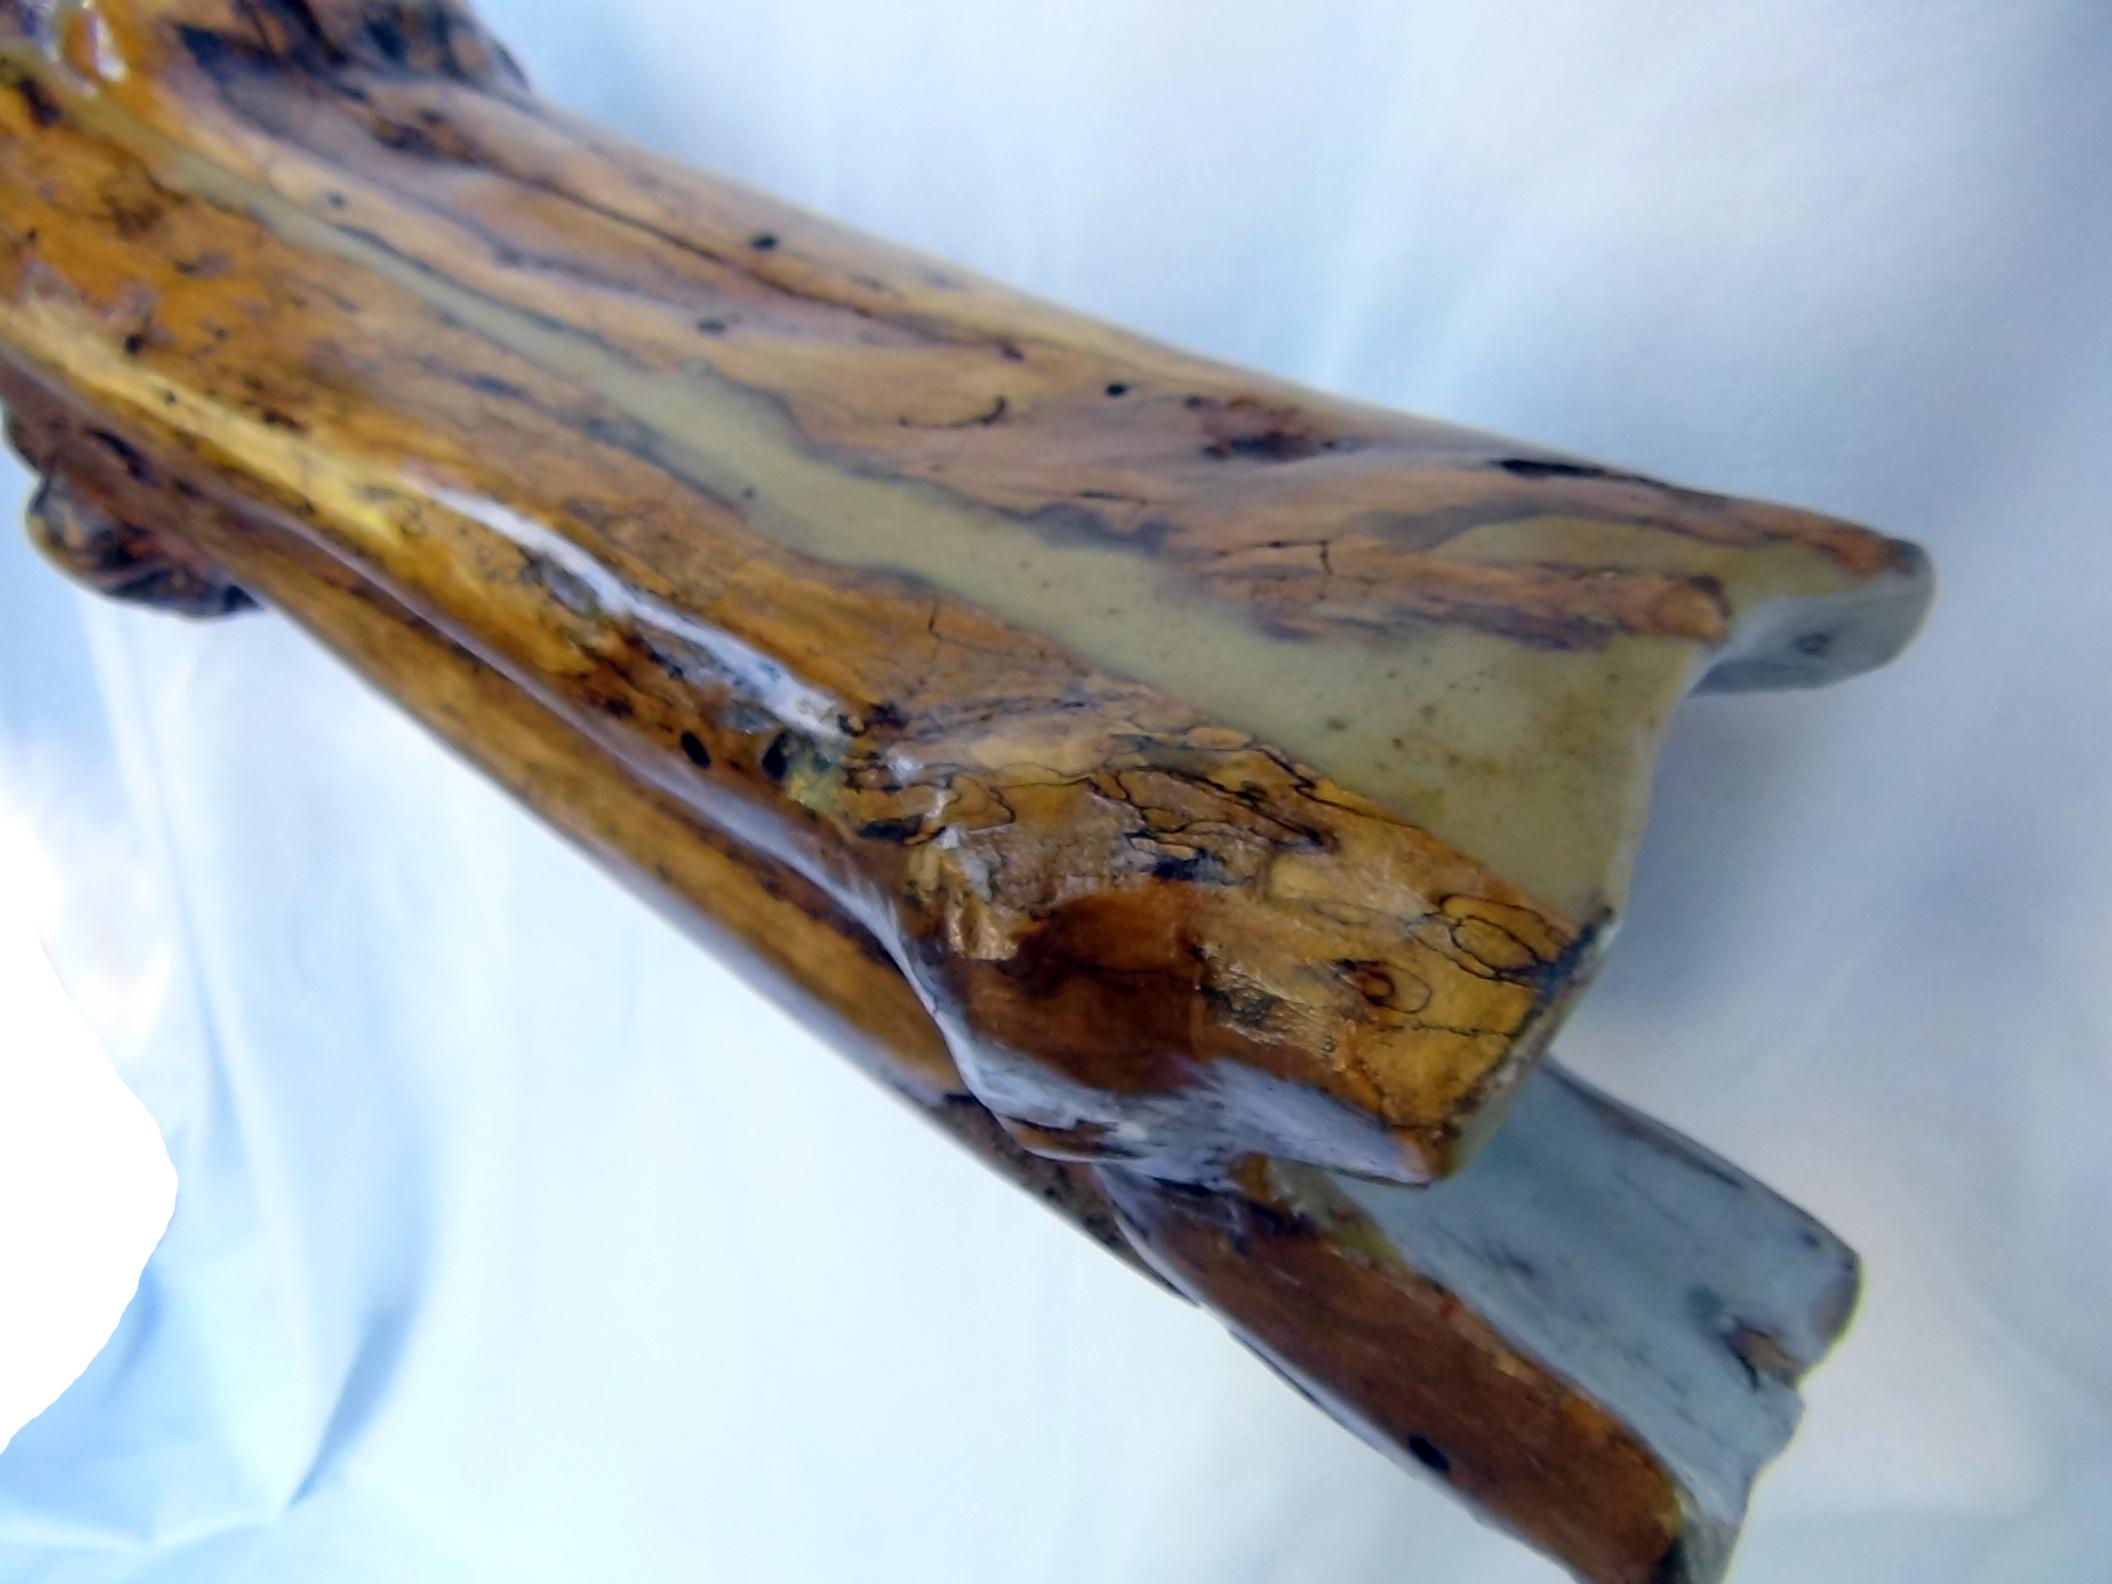 Elder wood